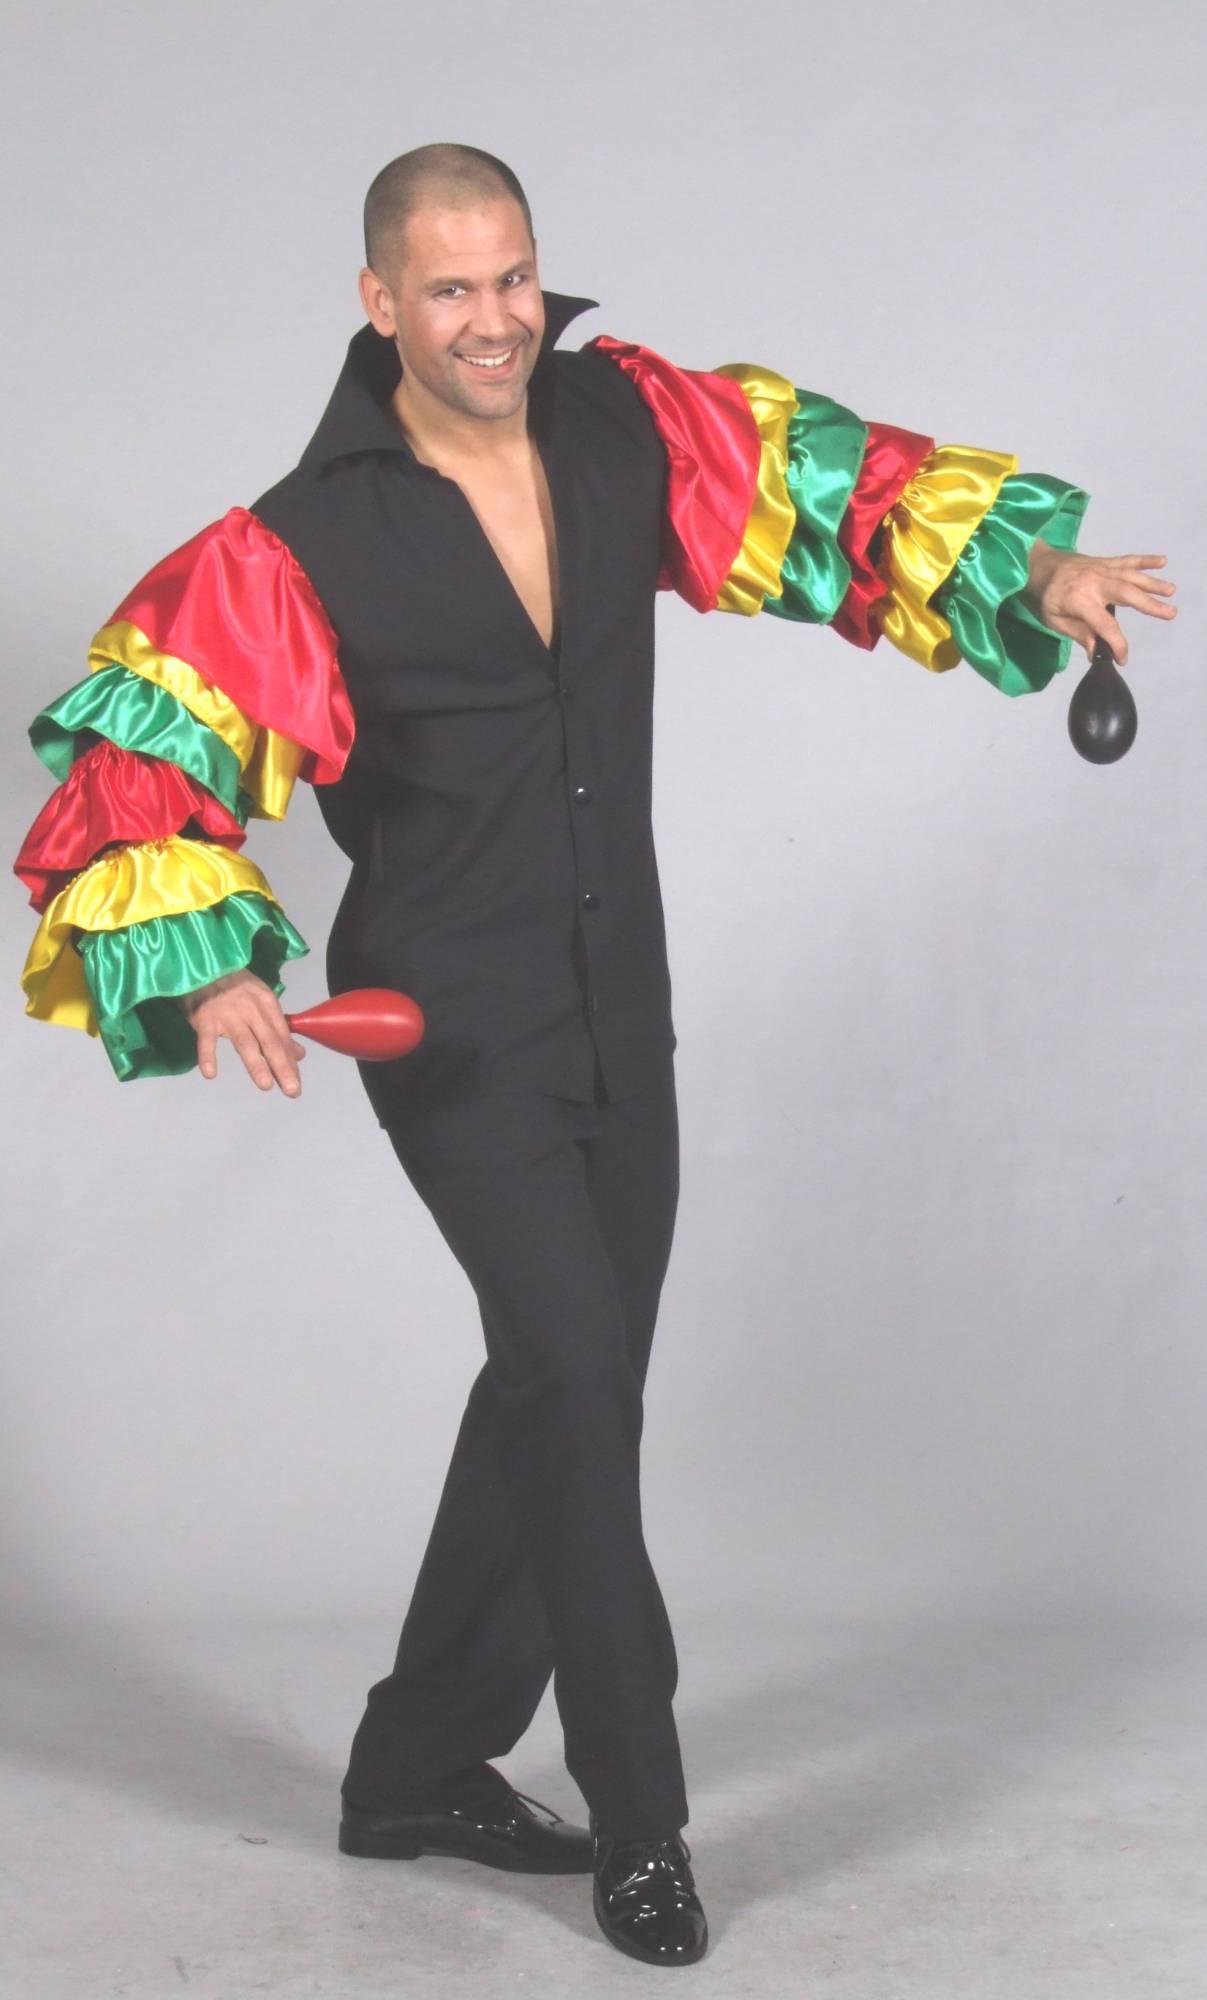 Chemise brsilienne homme v19865 - Chemise costume homme ...